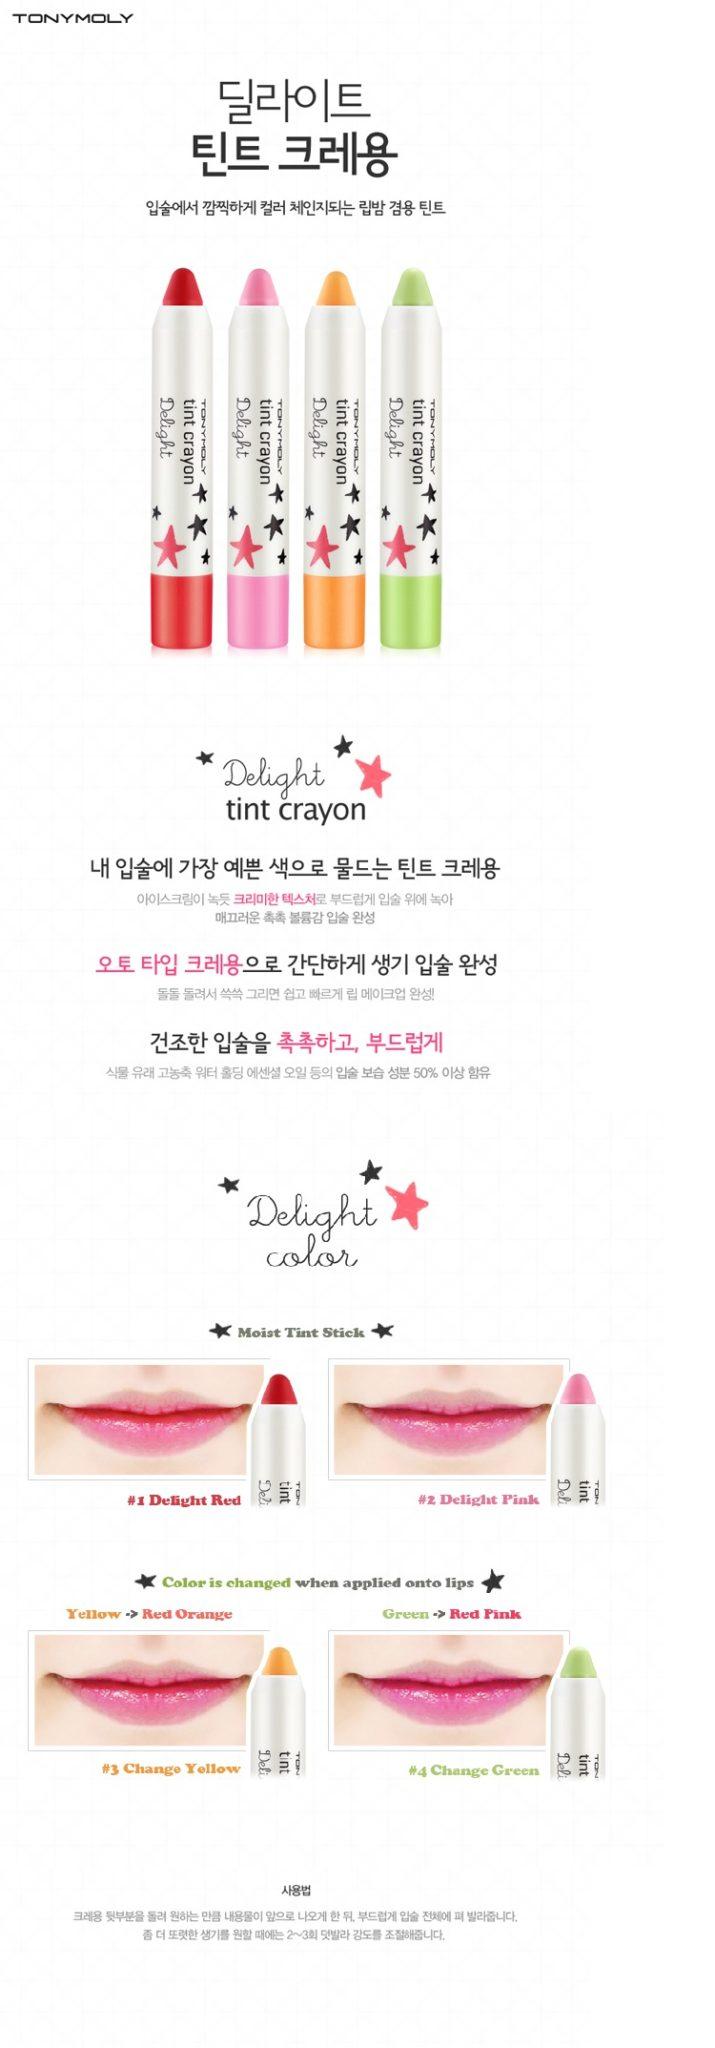 Tonymoly Delight Tint Crayon Seoul Next By You Malaysia Tony Moly 28g